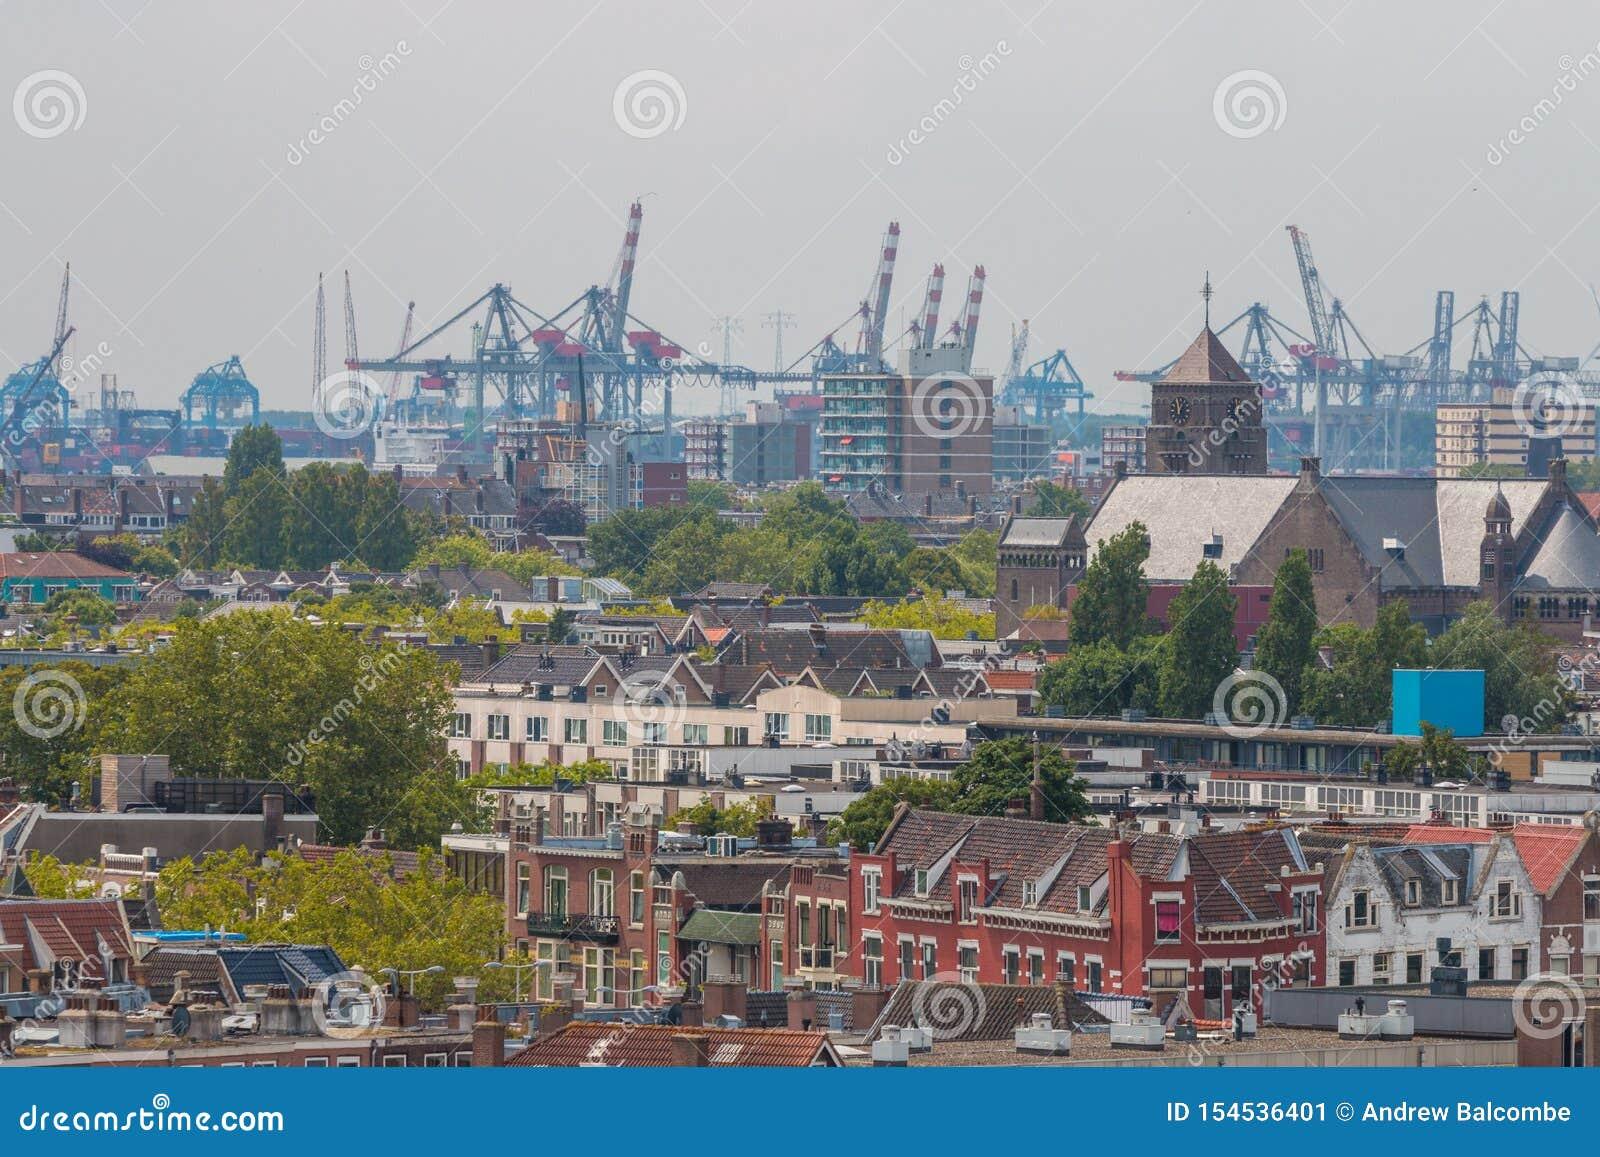 Μικτή κλασική αρχιτεκτονική των φυλλωδών αστικών πολυκατοικιών του Ρότερνταμ στο πρώτο πλάνο με τους γερανούς λιμένων λιμενικών π